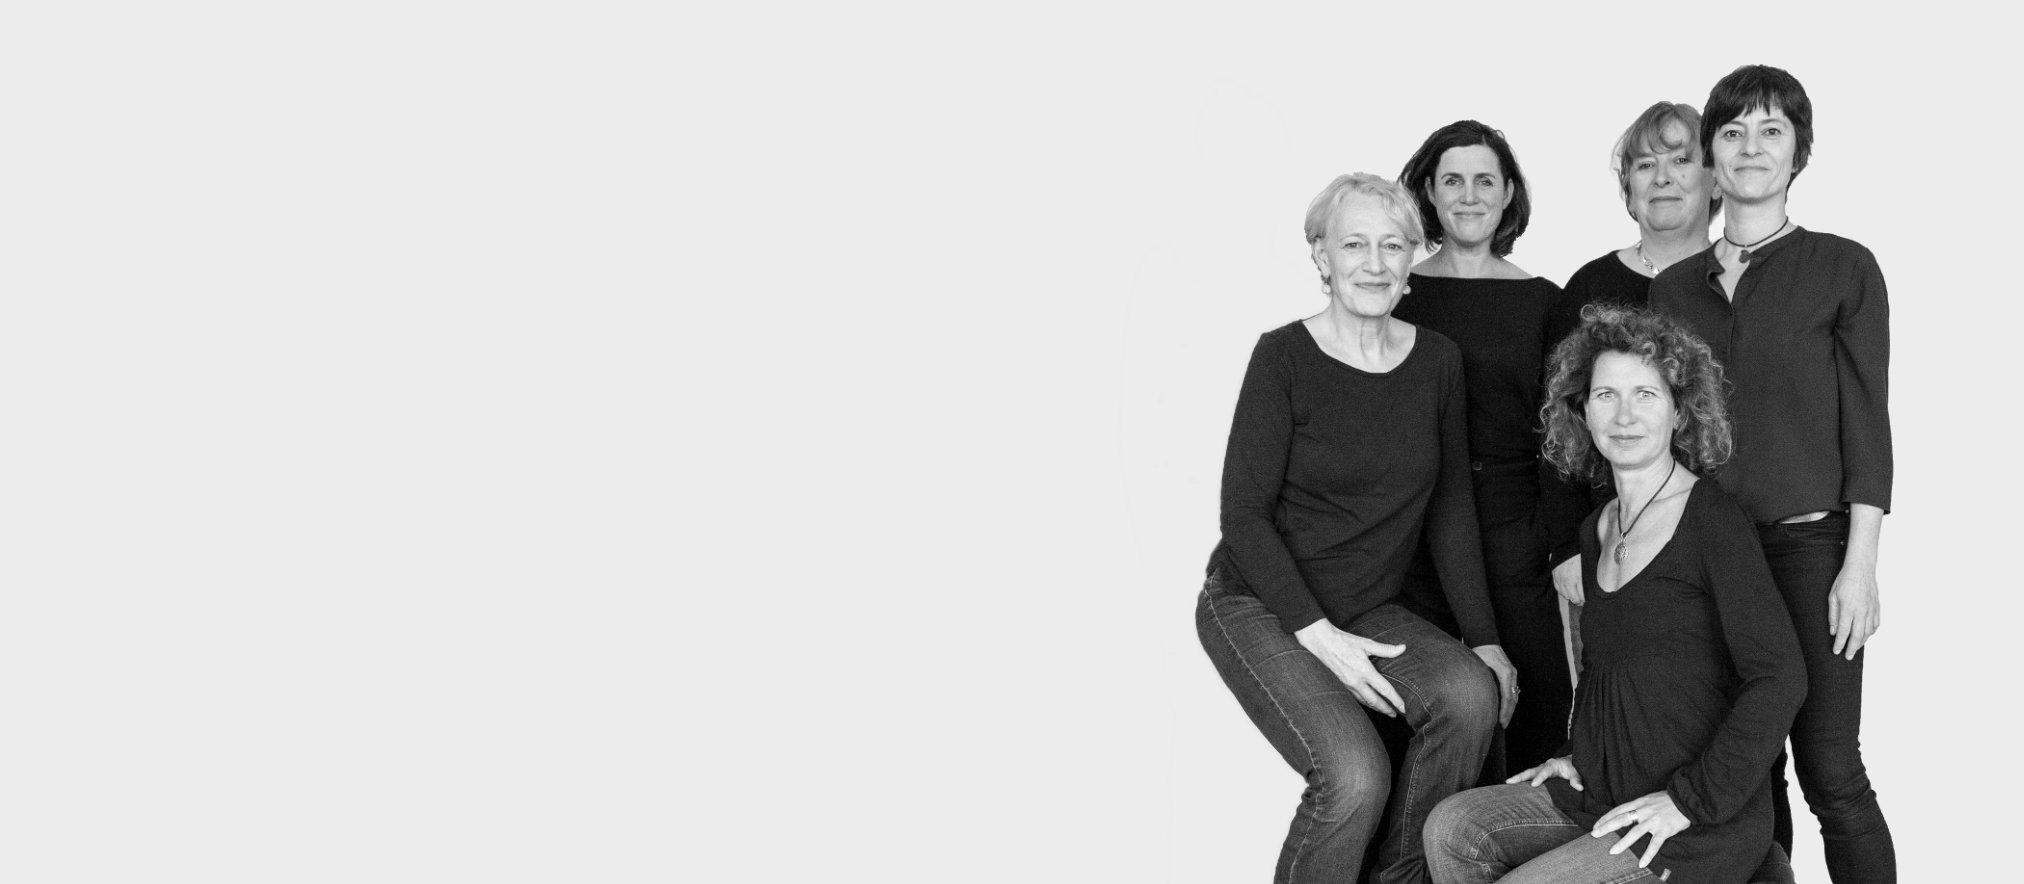 therapeut*innenkollektiv Anna Brömsel, Mireille van Veenendaal, Simone Hollstein, Alexandra Jensen, Sylvie Tappert